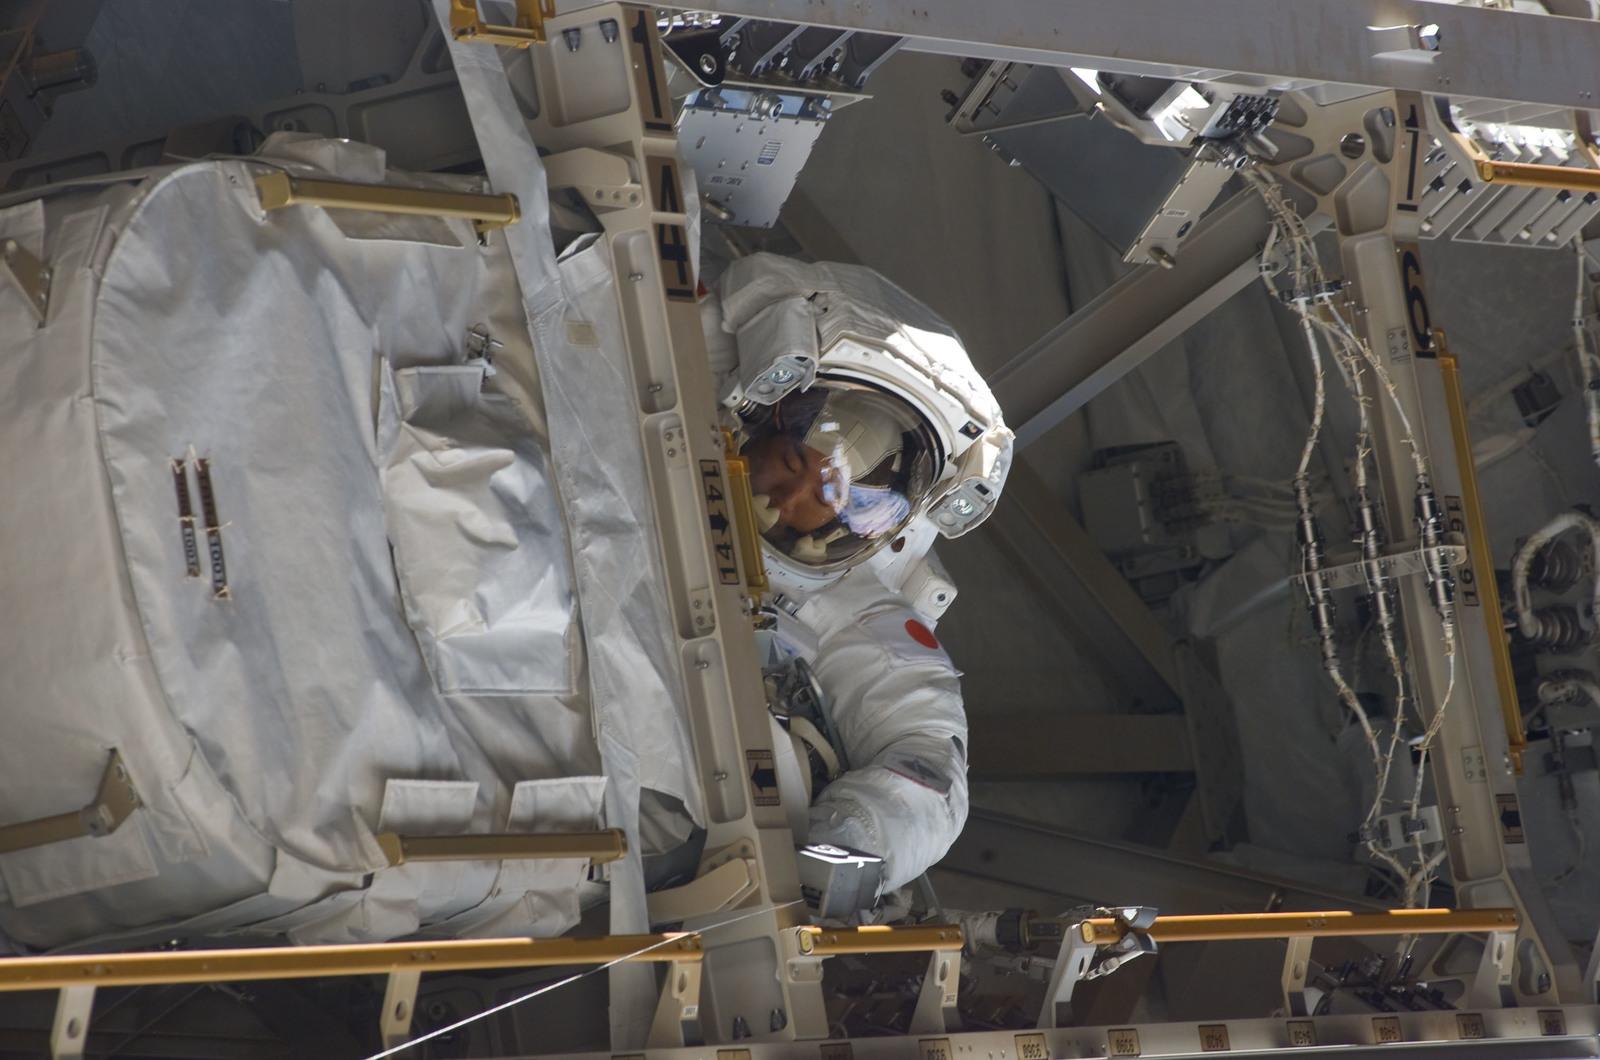 S114E6887 - STS-114 - EVA 3